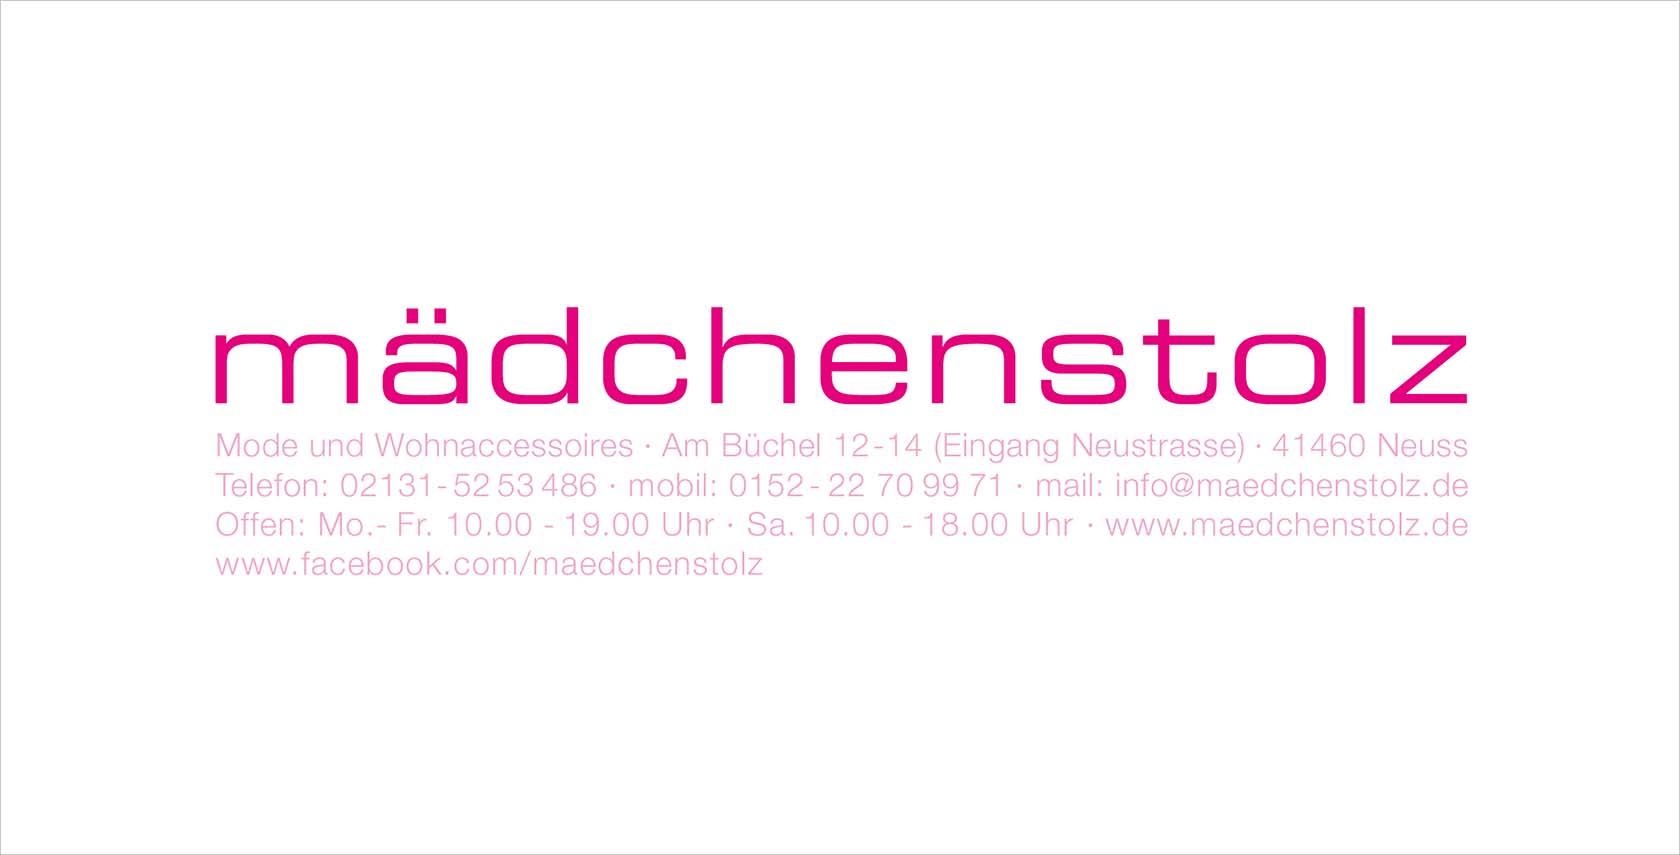 maedchenstolz_postk